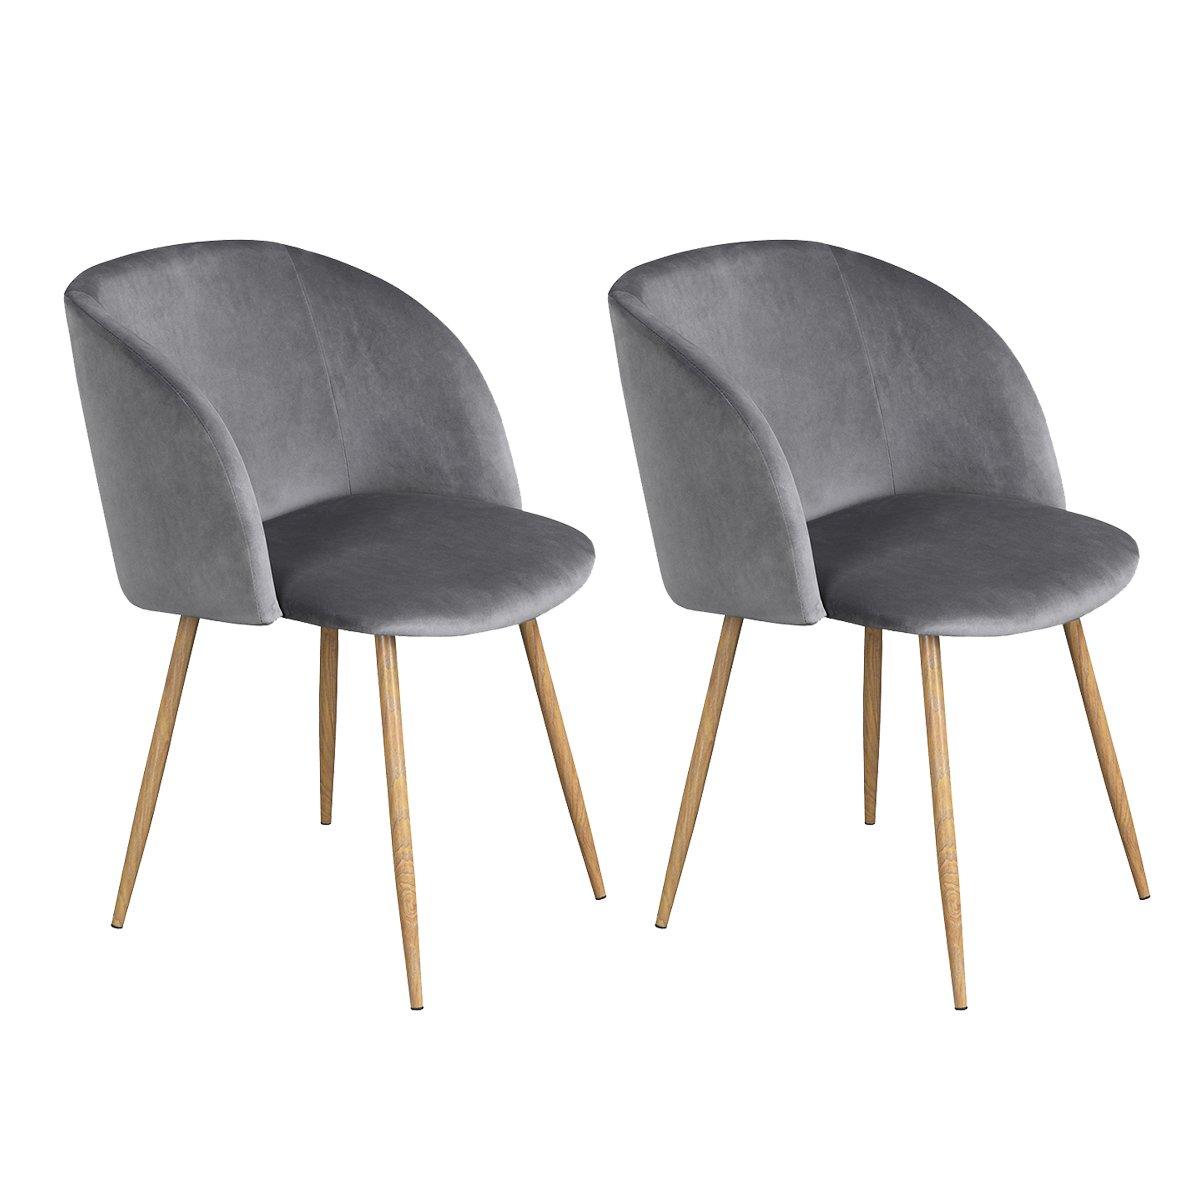 2er Silky Samt Akzent Sessel Für Kleine Küche Esszimmer Büro Stühle Sessel  Grau